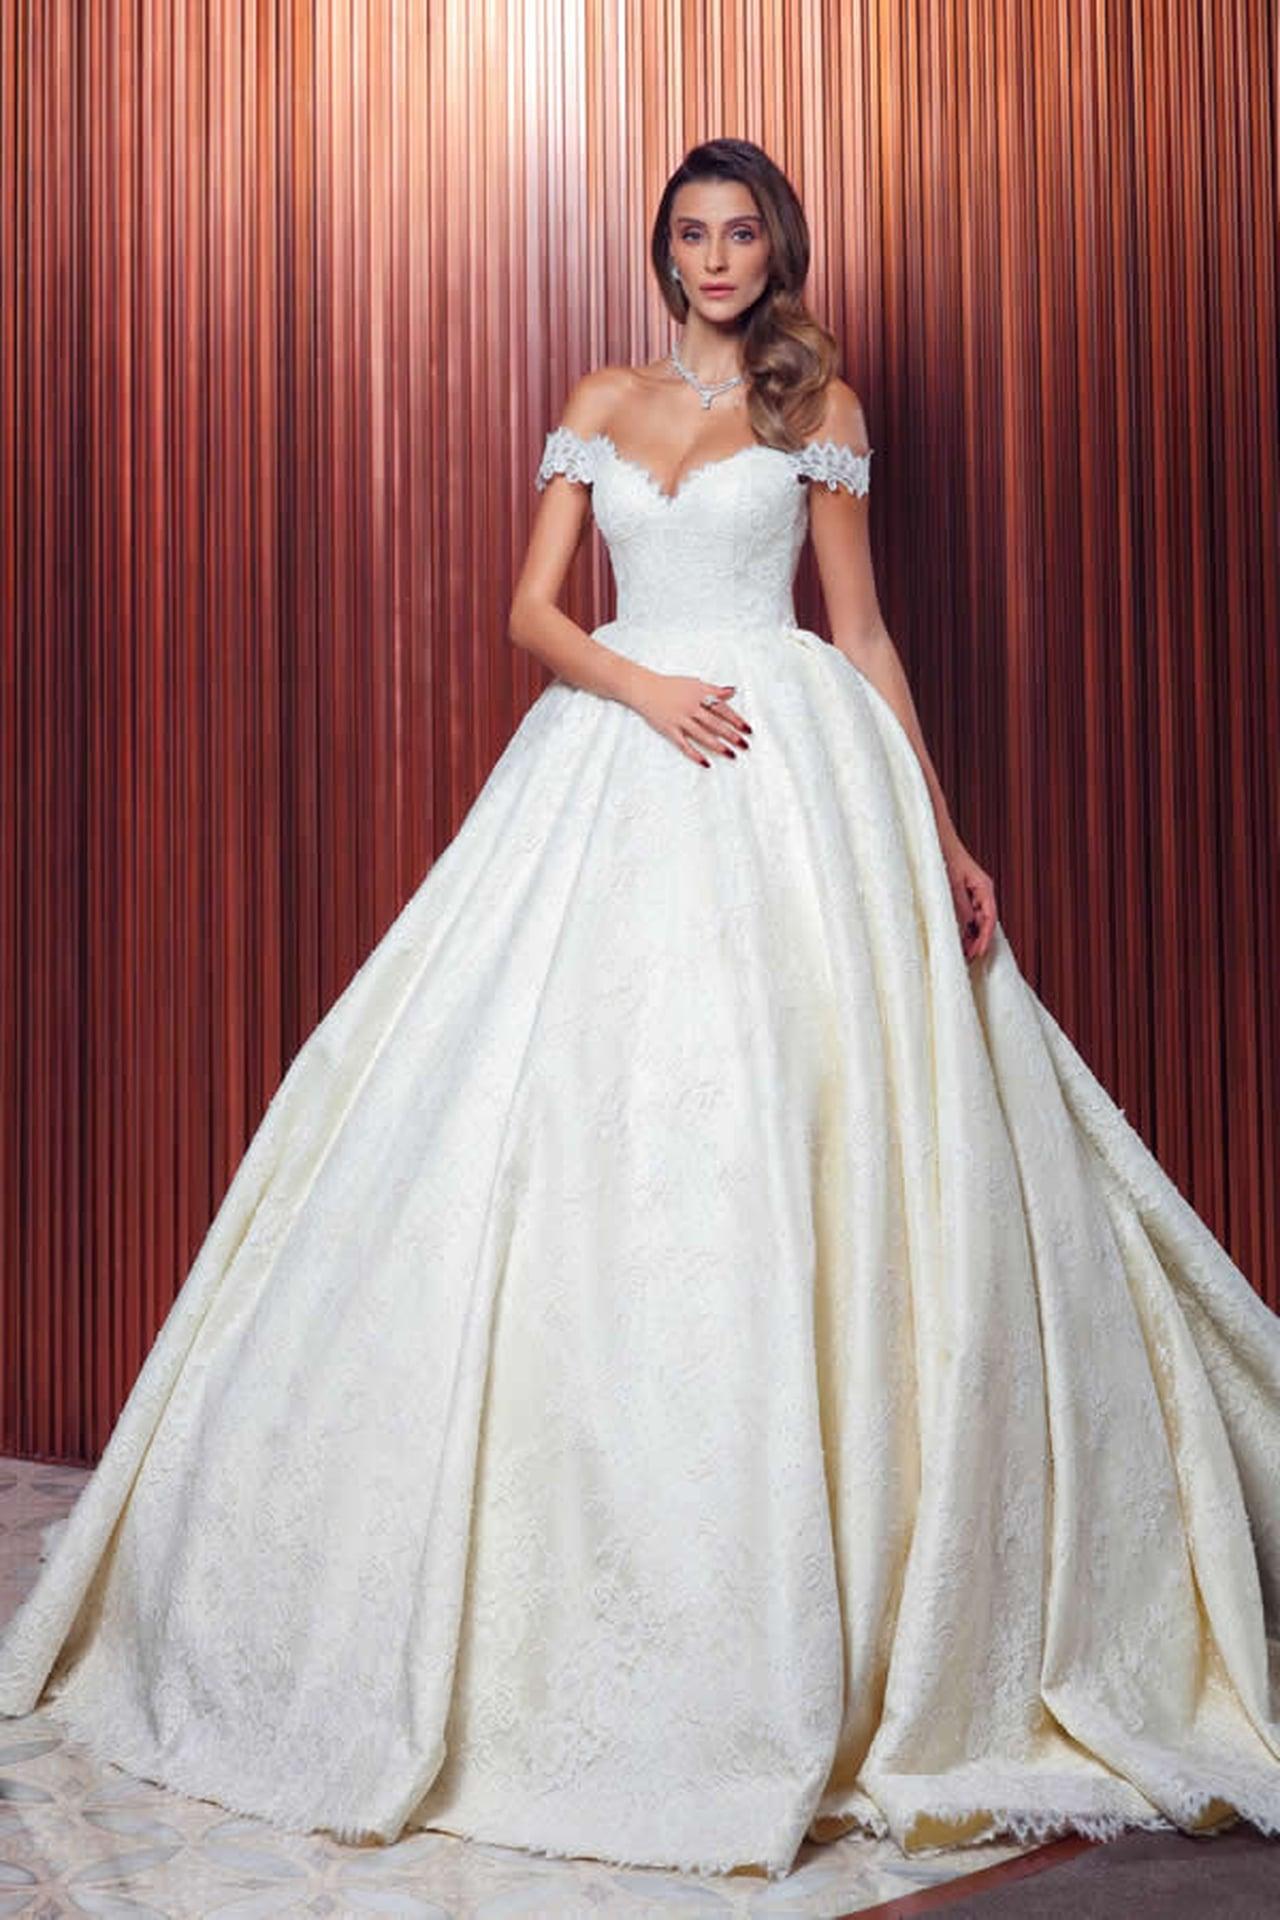 b7a477bf5 أحدث موديلات فستان الزفاف التركى أزياء فخمة لأناقة العروس الجميلة